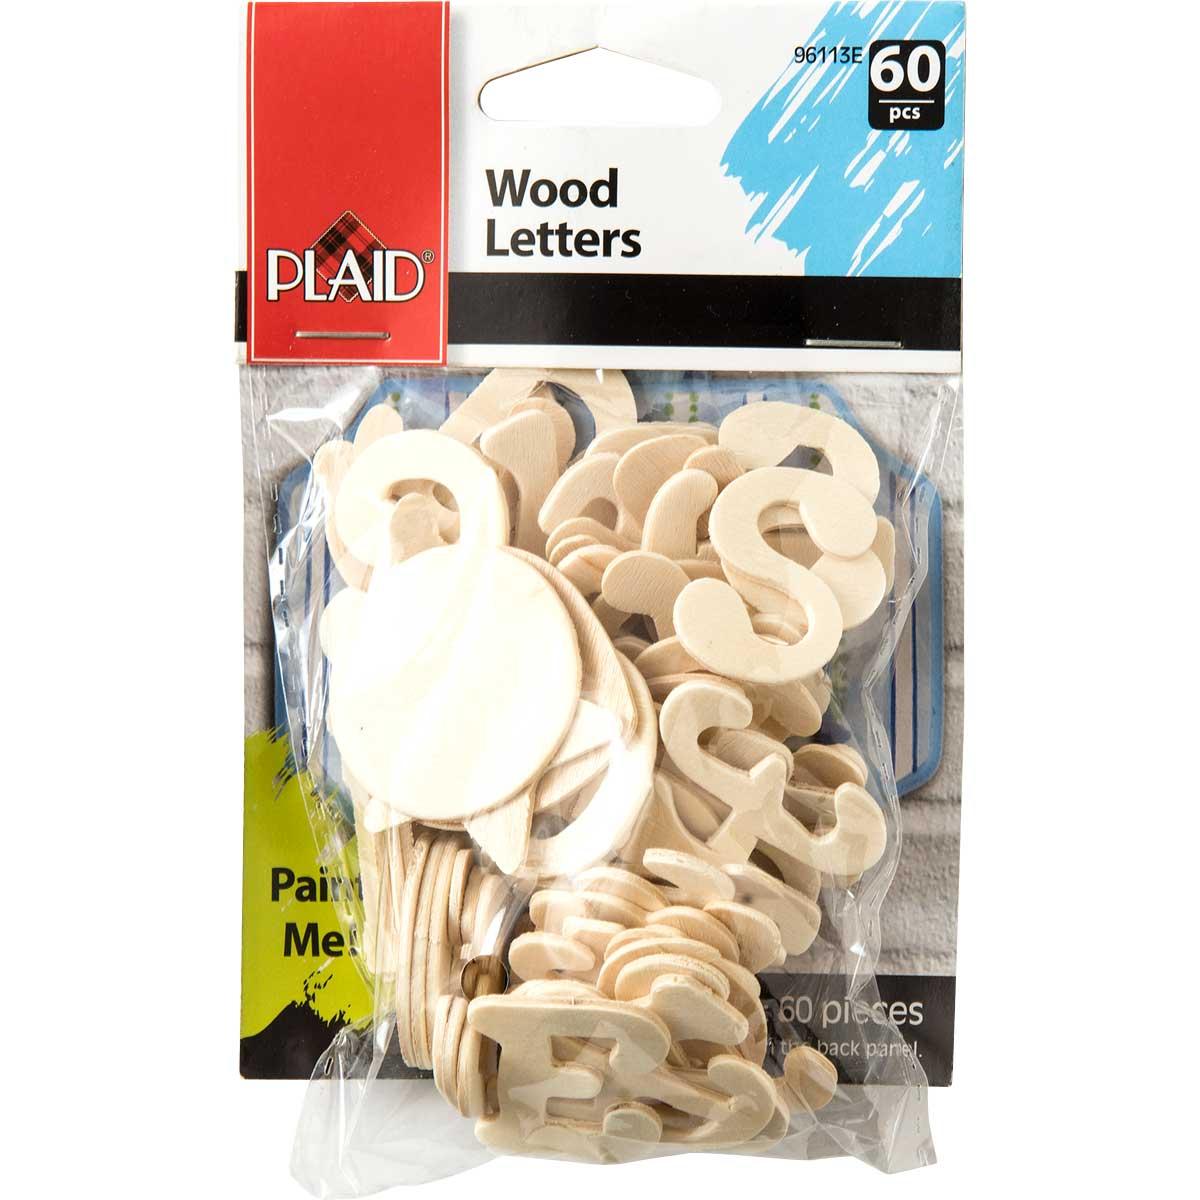 Plaid ® Wood Surfaces - Letter Packs - Cursive - 96113